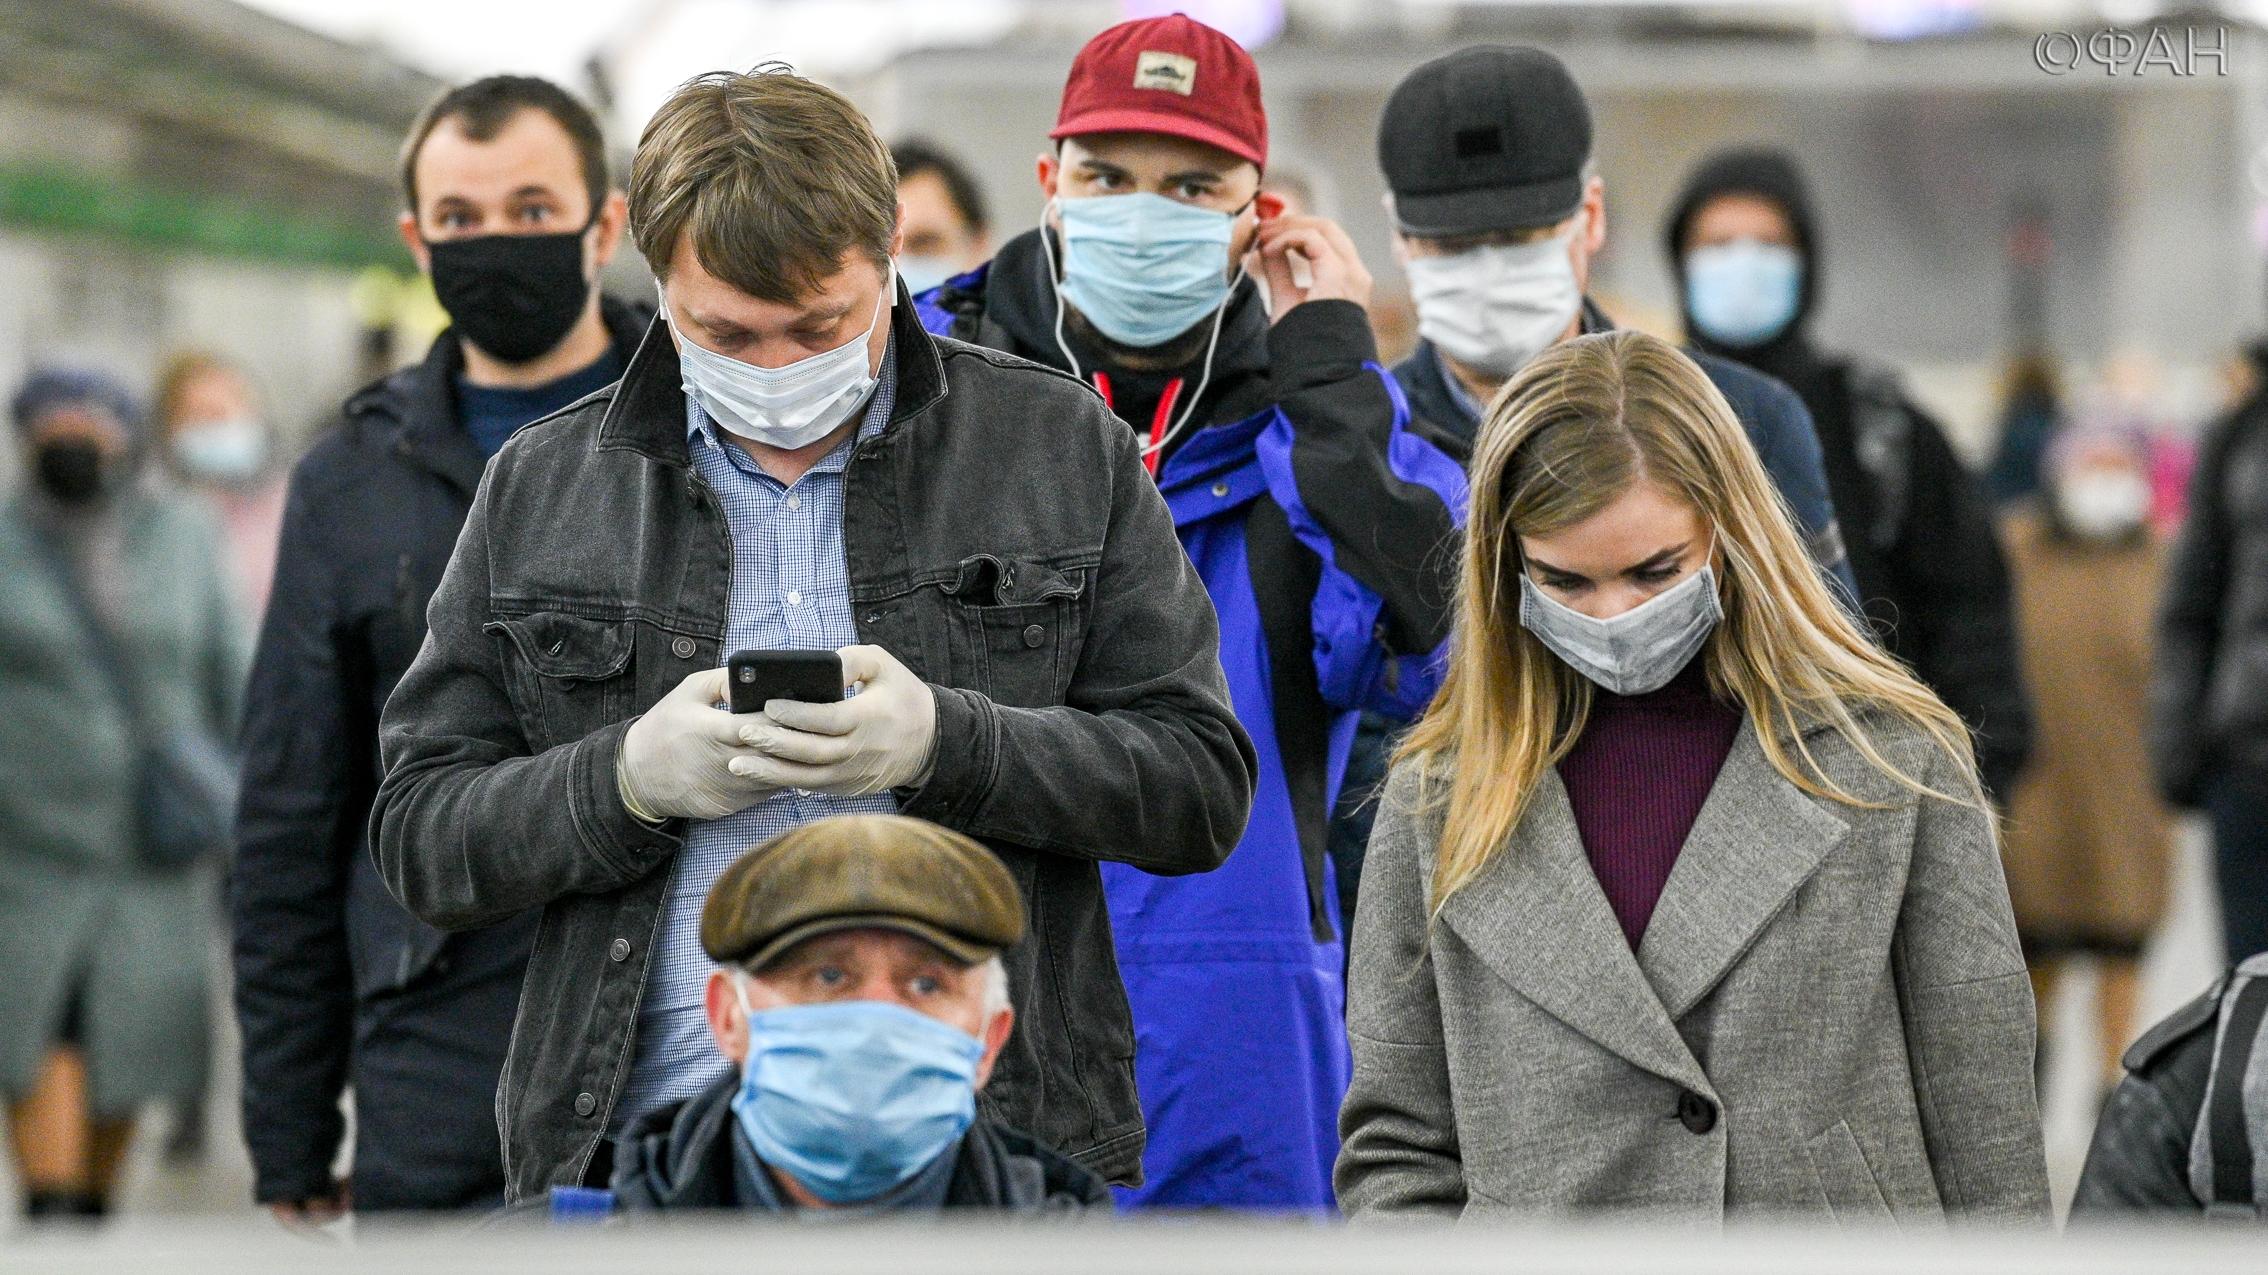 Количество инфицированных COVID-19 в России превысило 7 миллионов